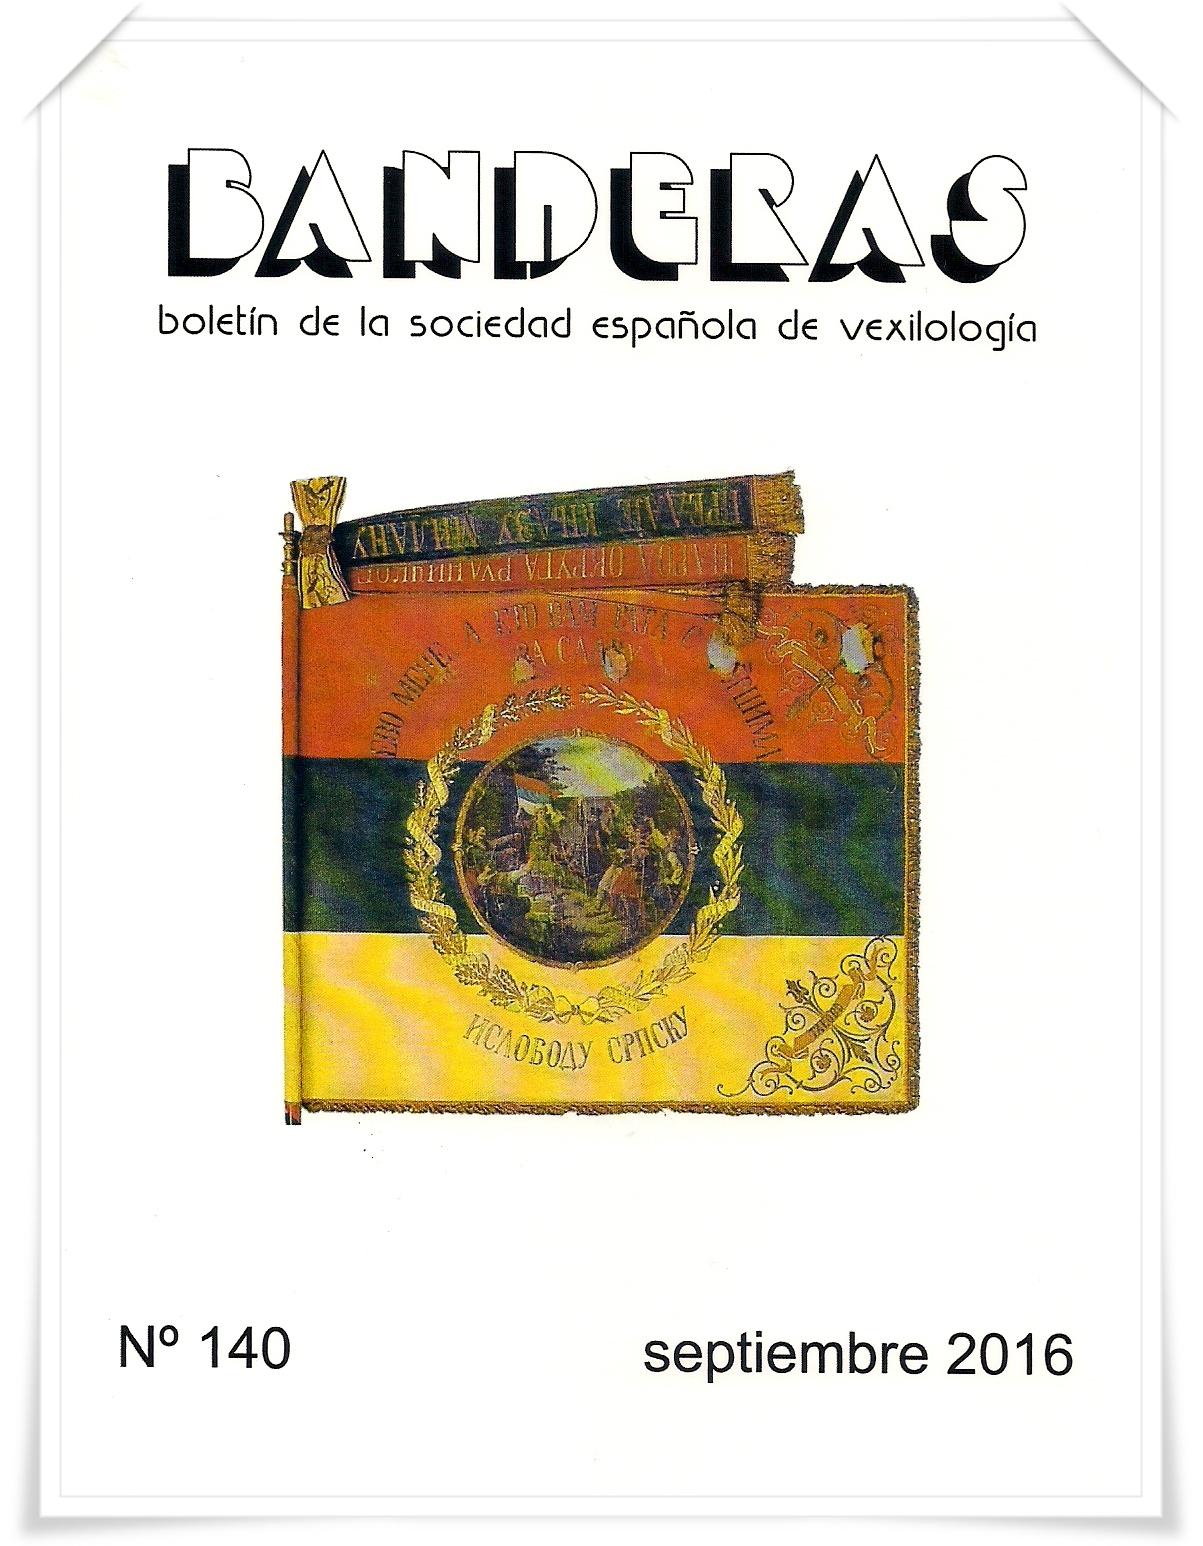 Art culo sobre el baile de la bandera publicado en el bolet n de la sociedad espa ola de vexilolog a